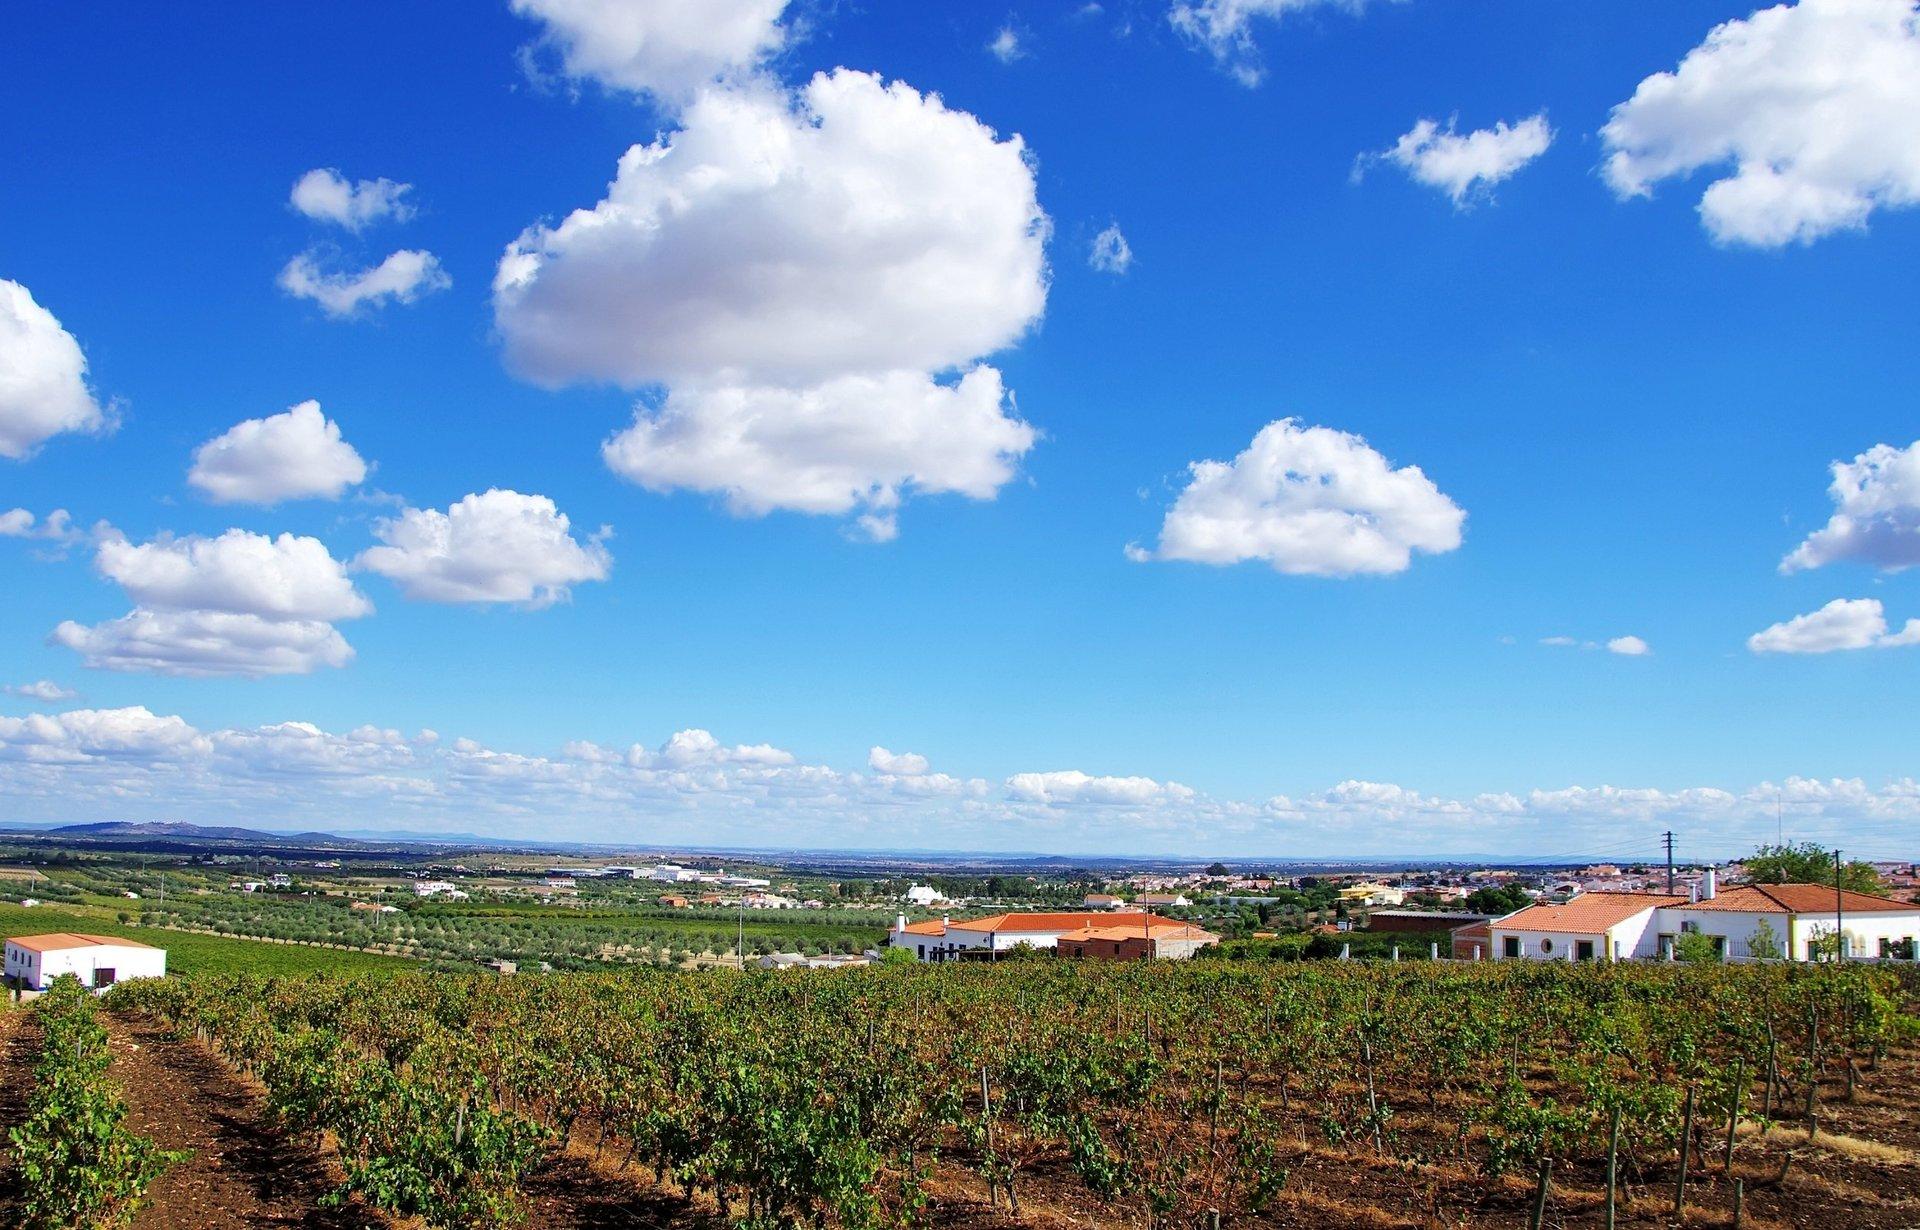 Portugal - Alentejo - Monzaras